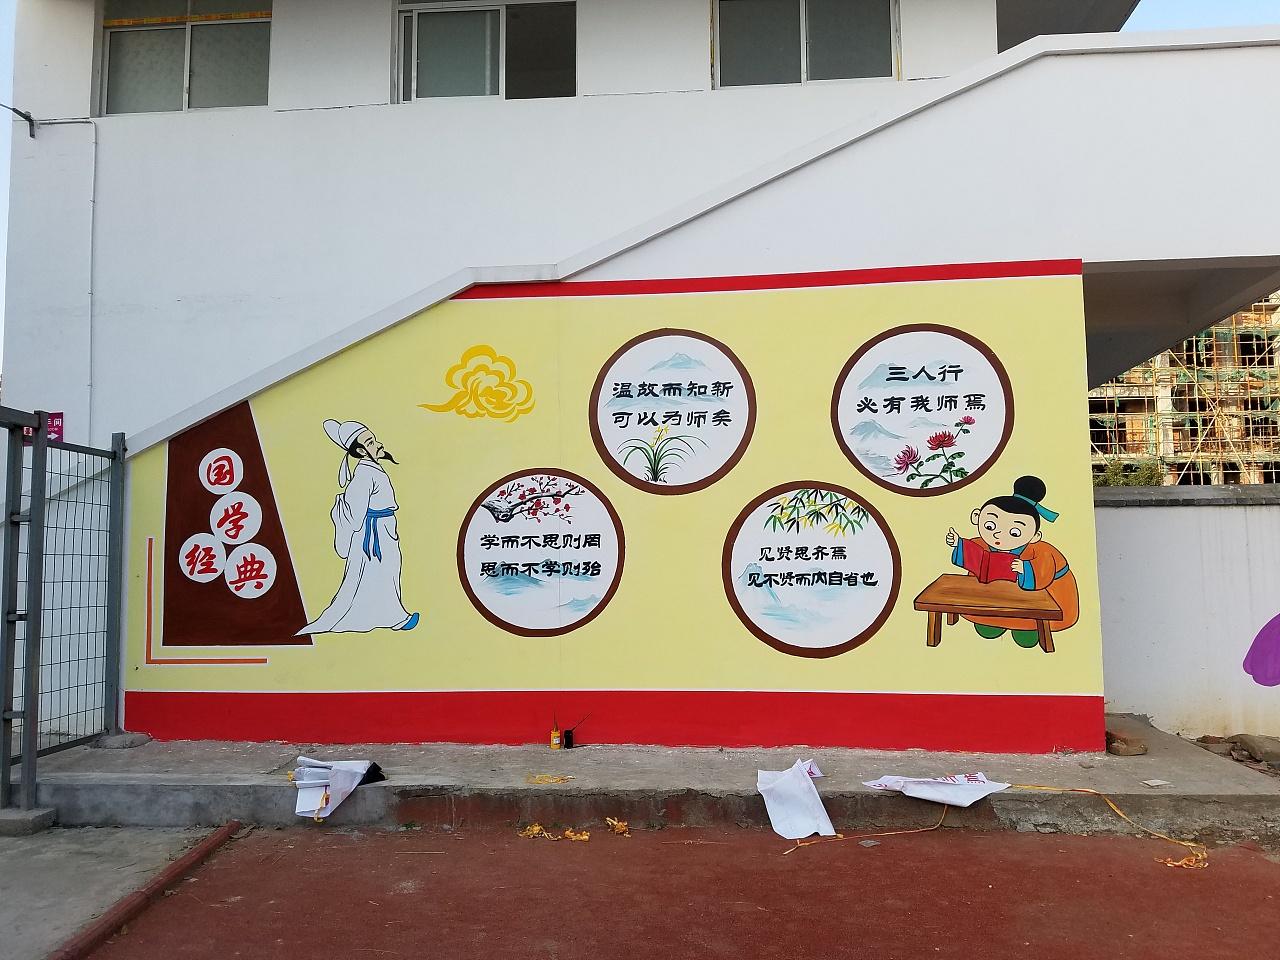 吉安彩绘墙壁,吉安彩绘墙壁公司,吉安立体画手绘,吉安背景墙墙体彩绘